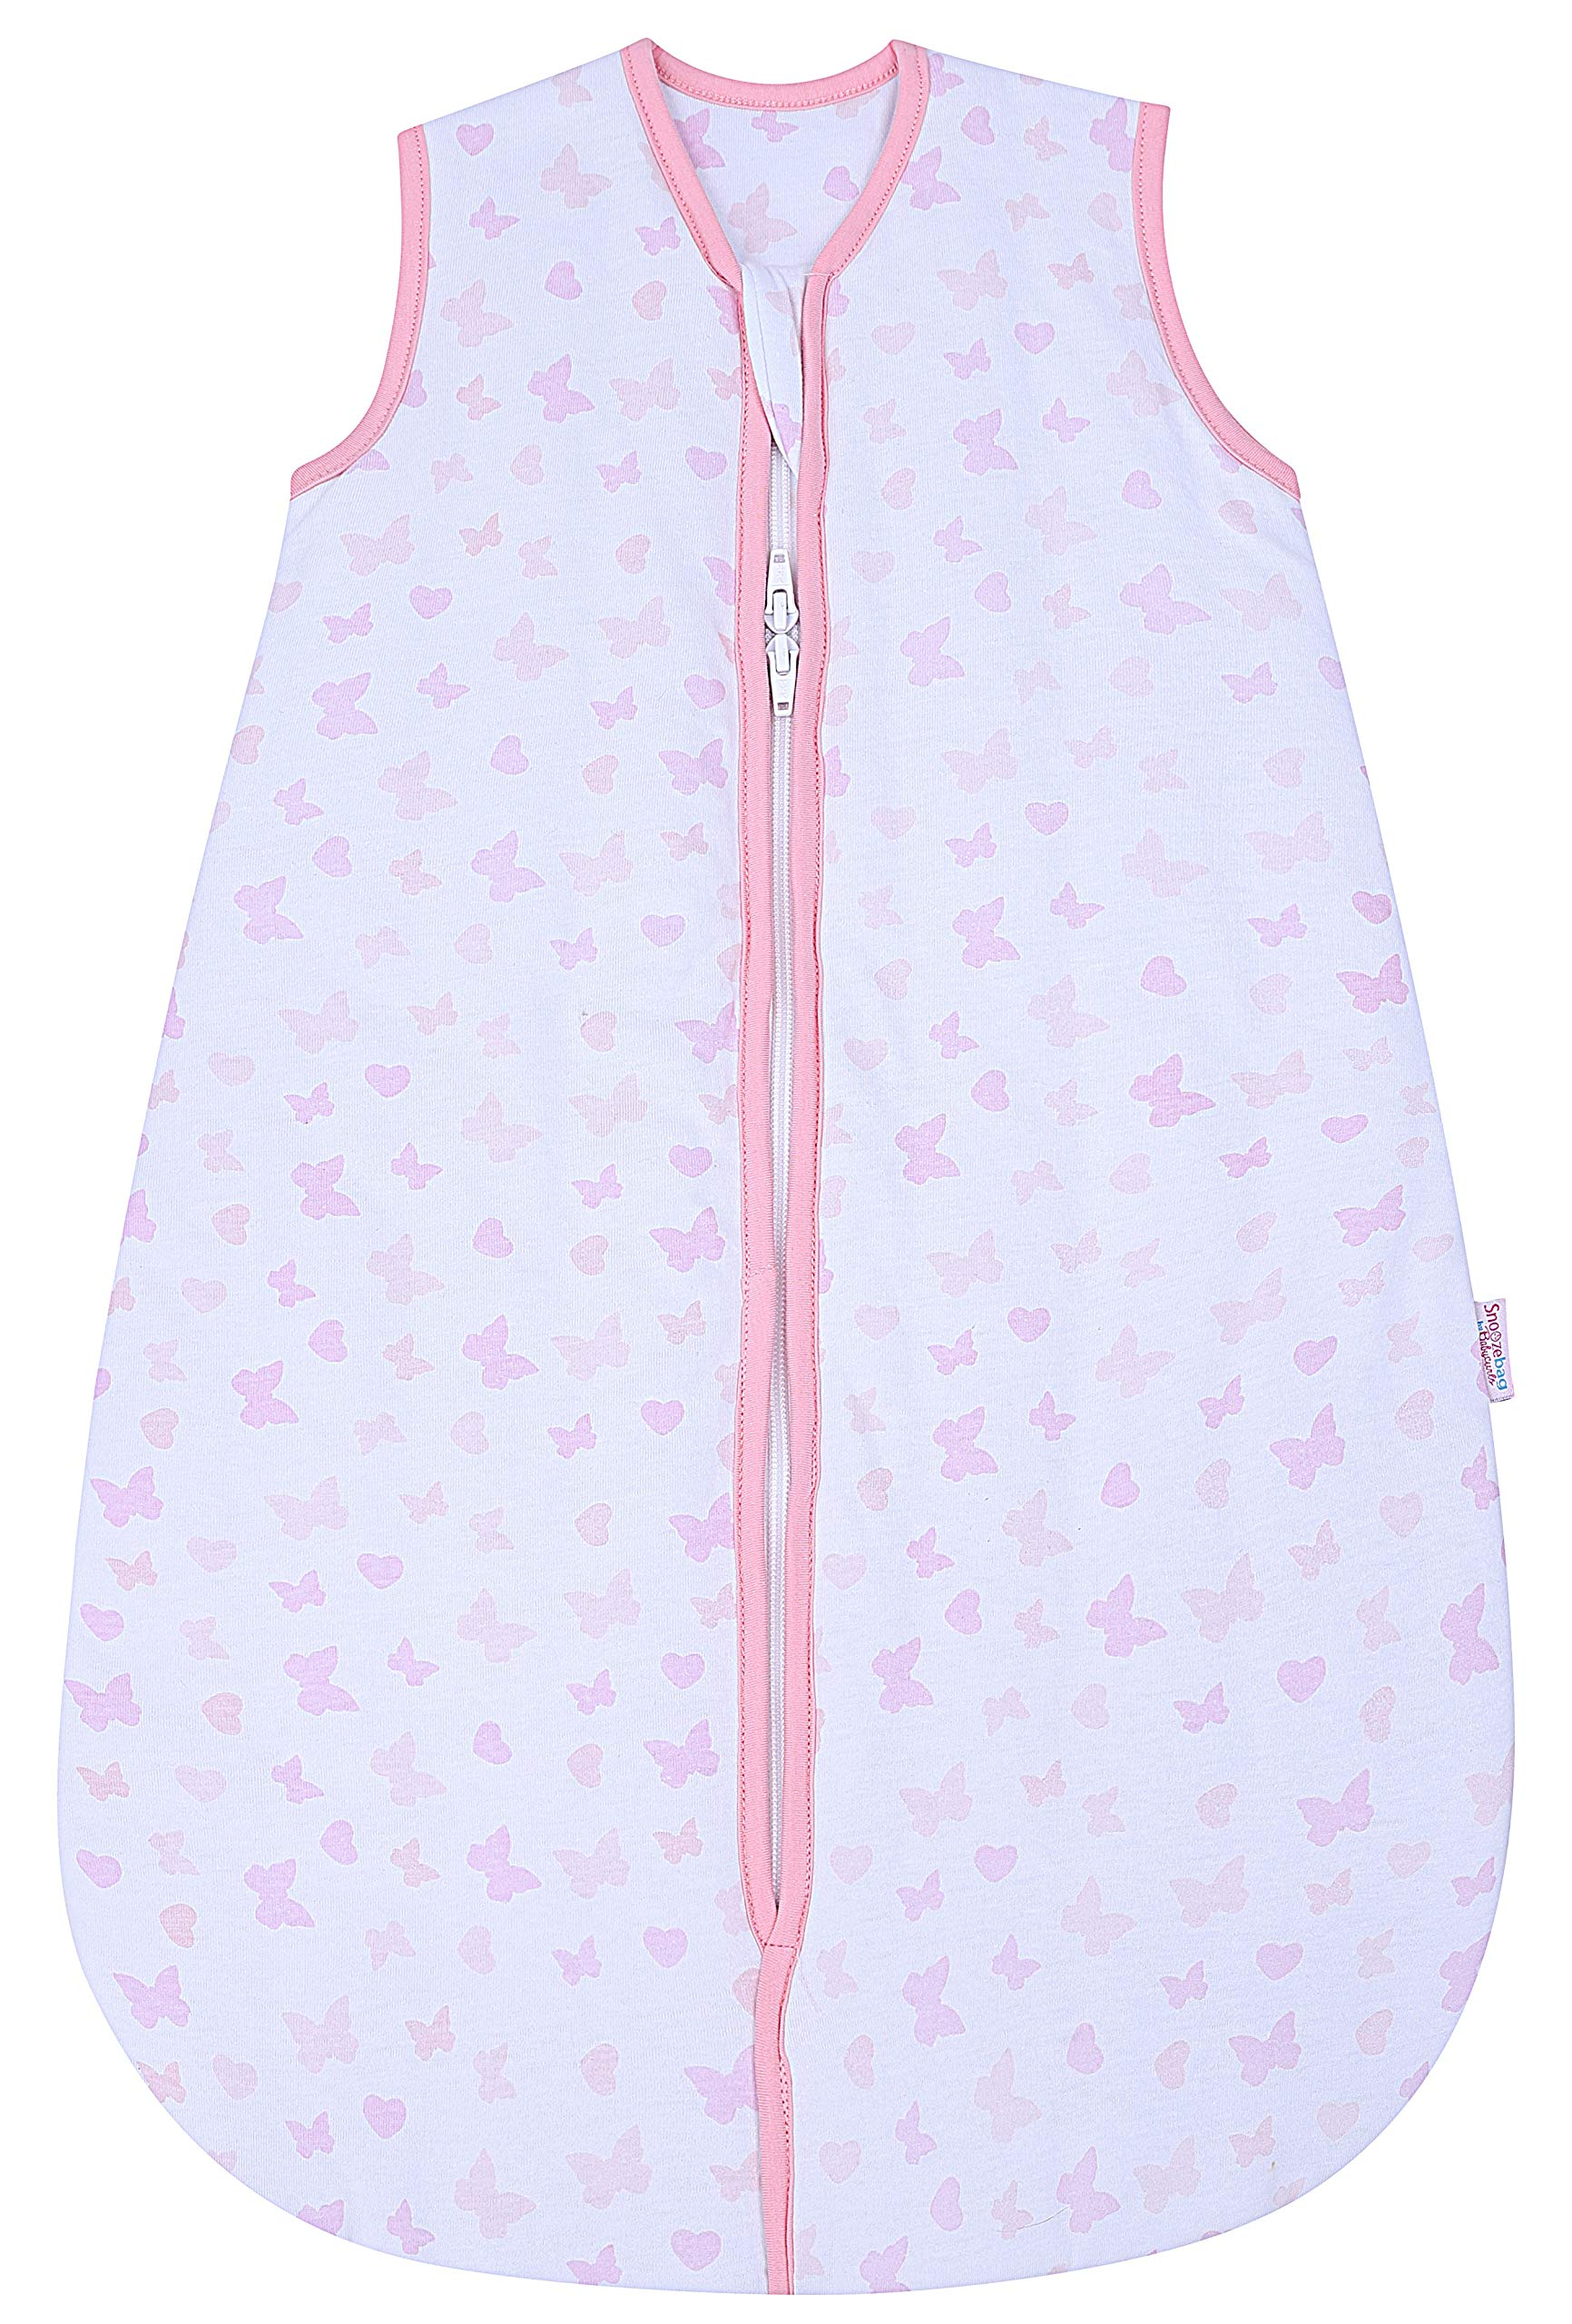 Snoozebag – Saco de Dormir Unisex 2.5 TOG bebé, 100% algodón, con Estampado Mariposas y Corazones de Talla: 0-6 Meses